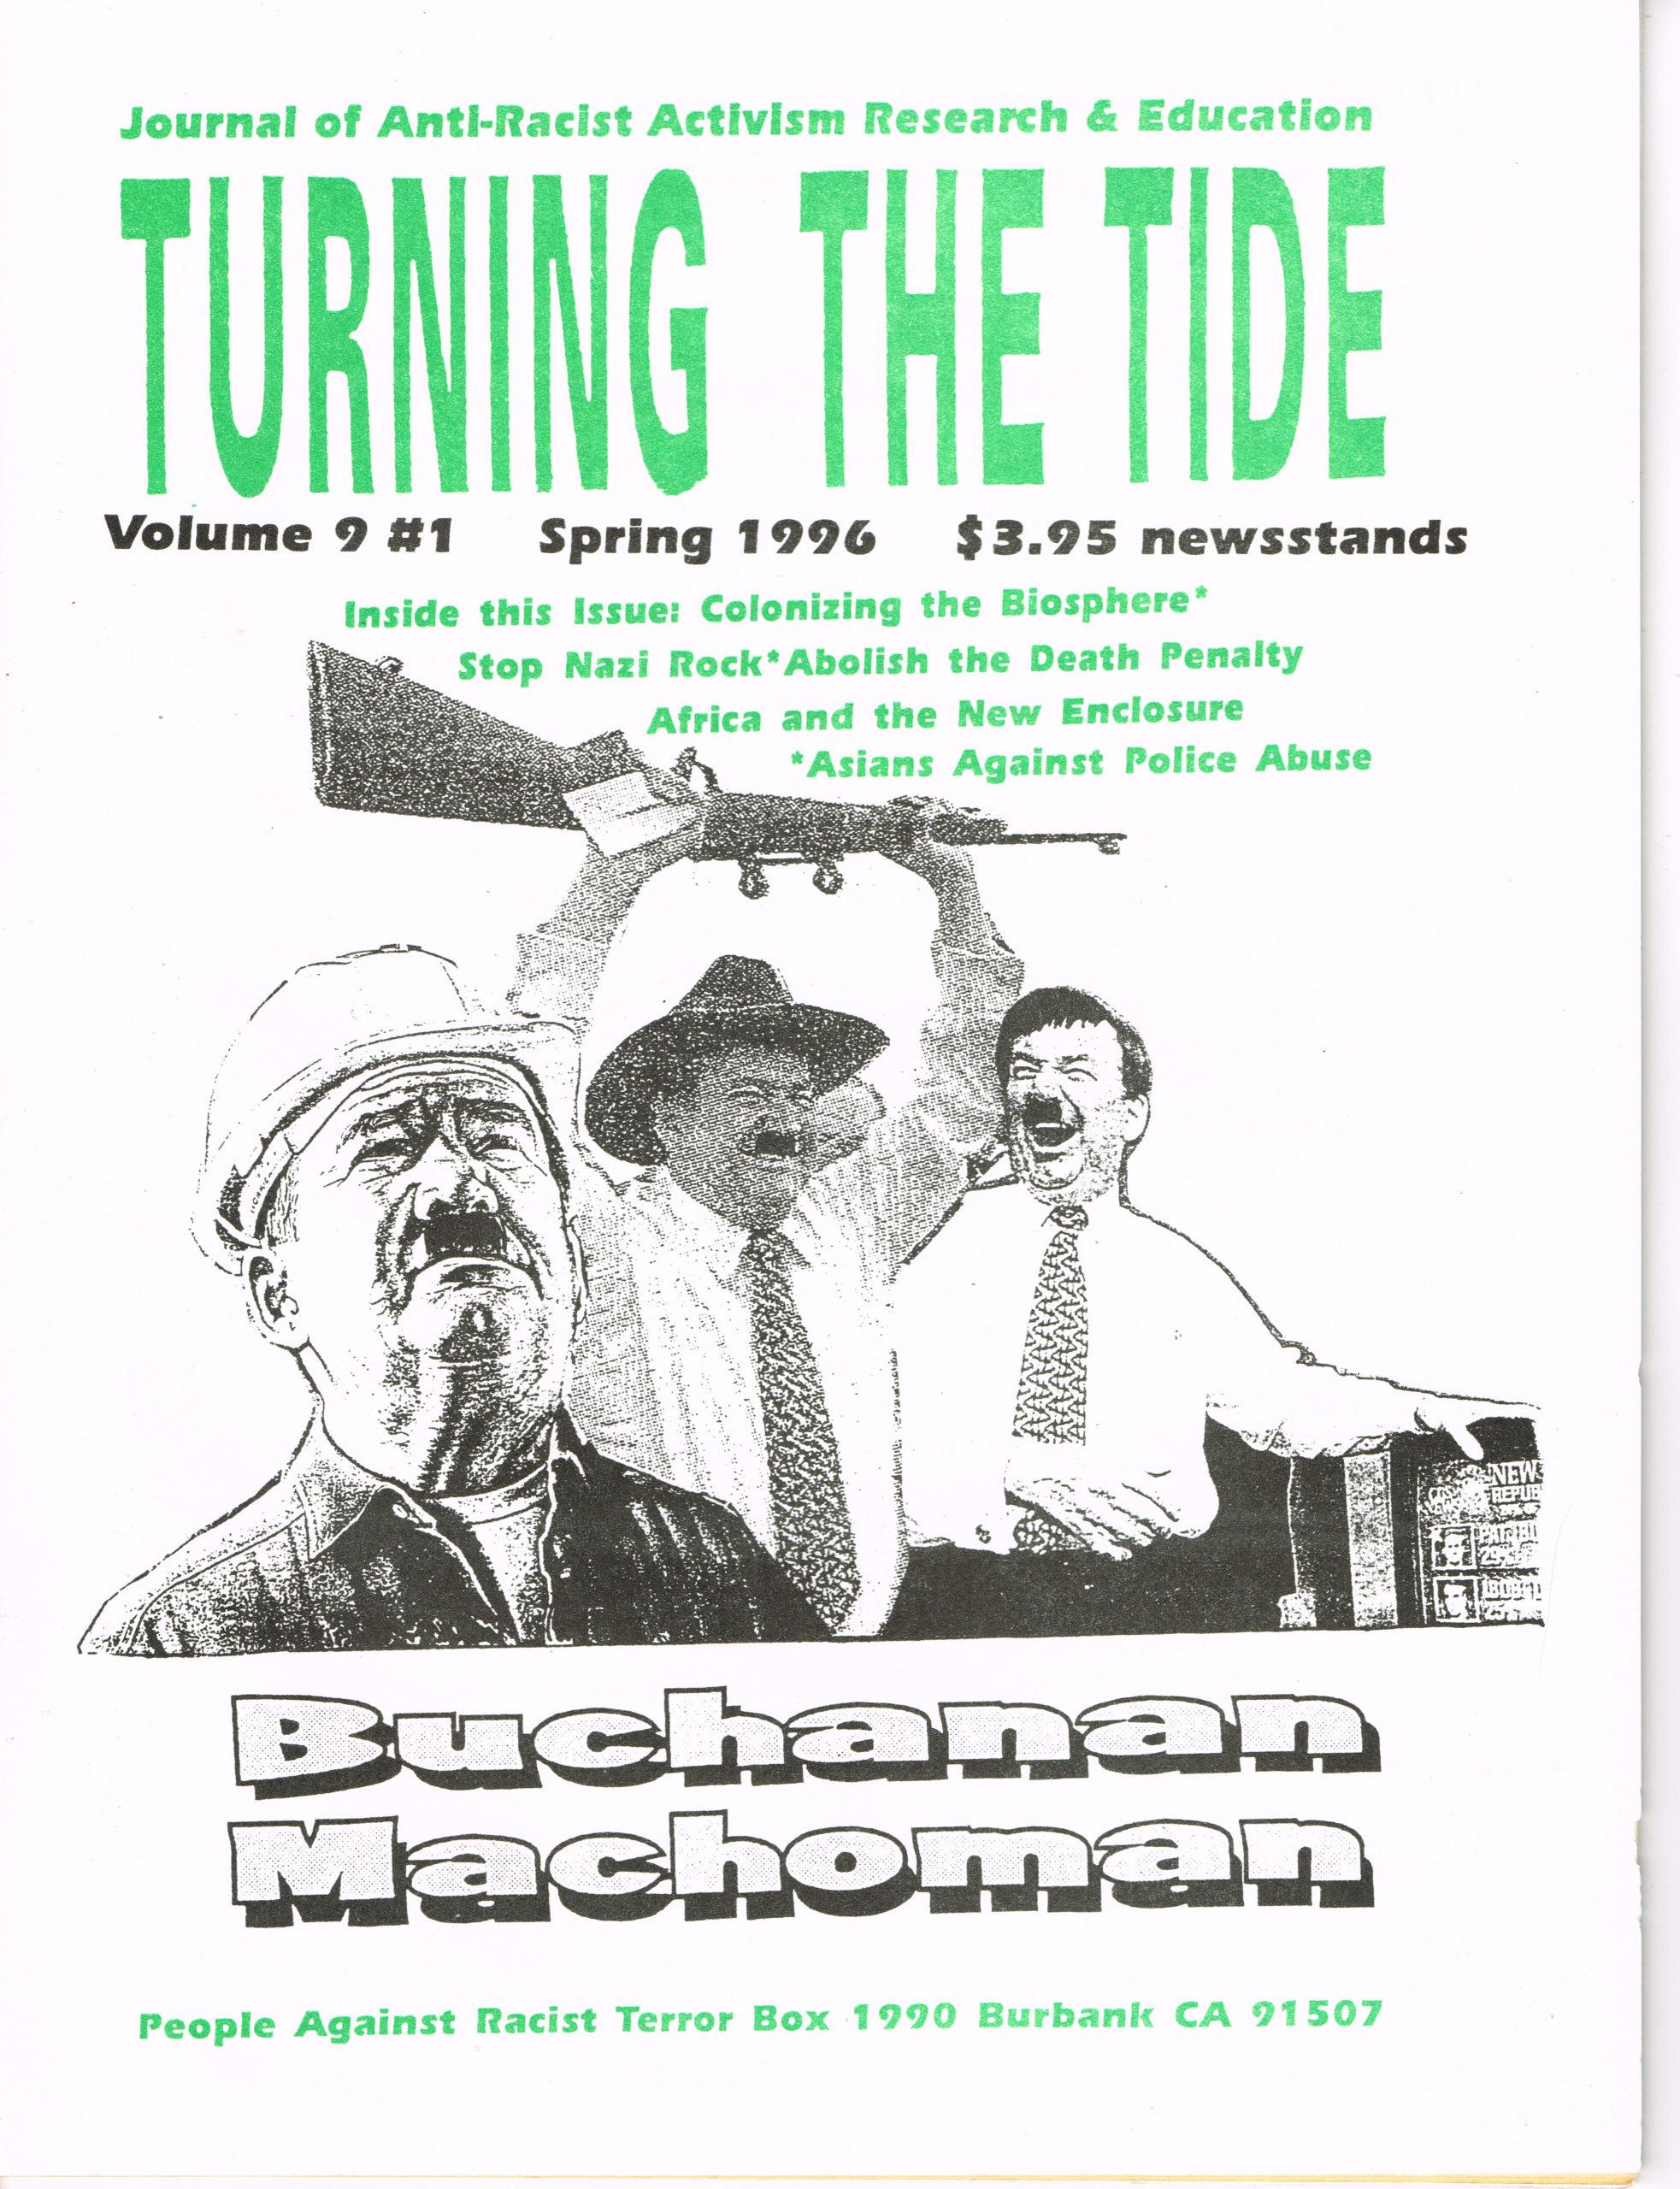 Vol. 9, #1 – Feb. 1996